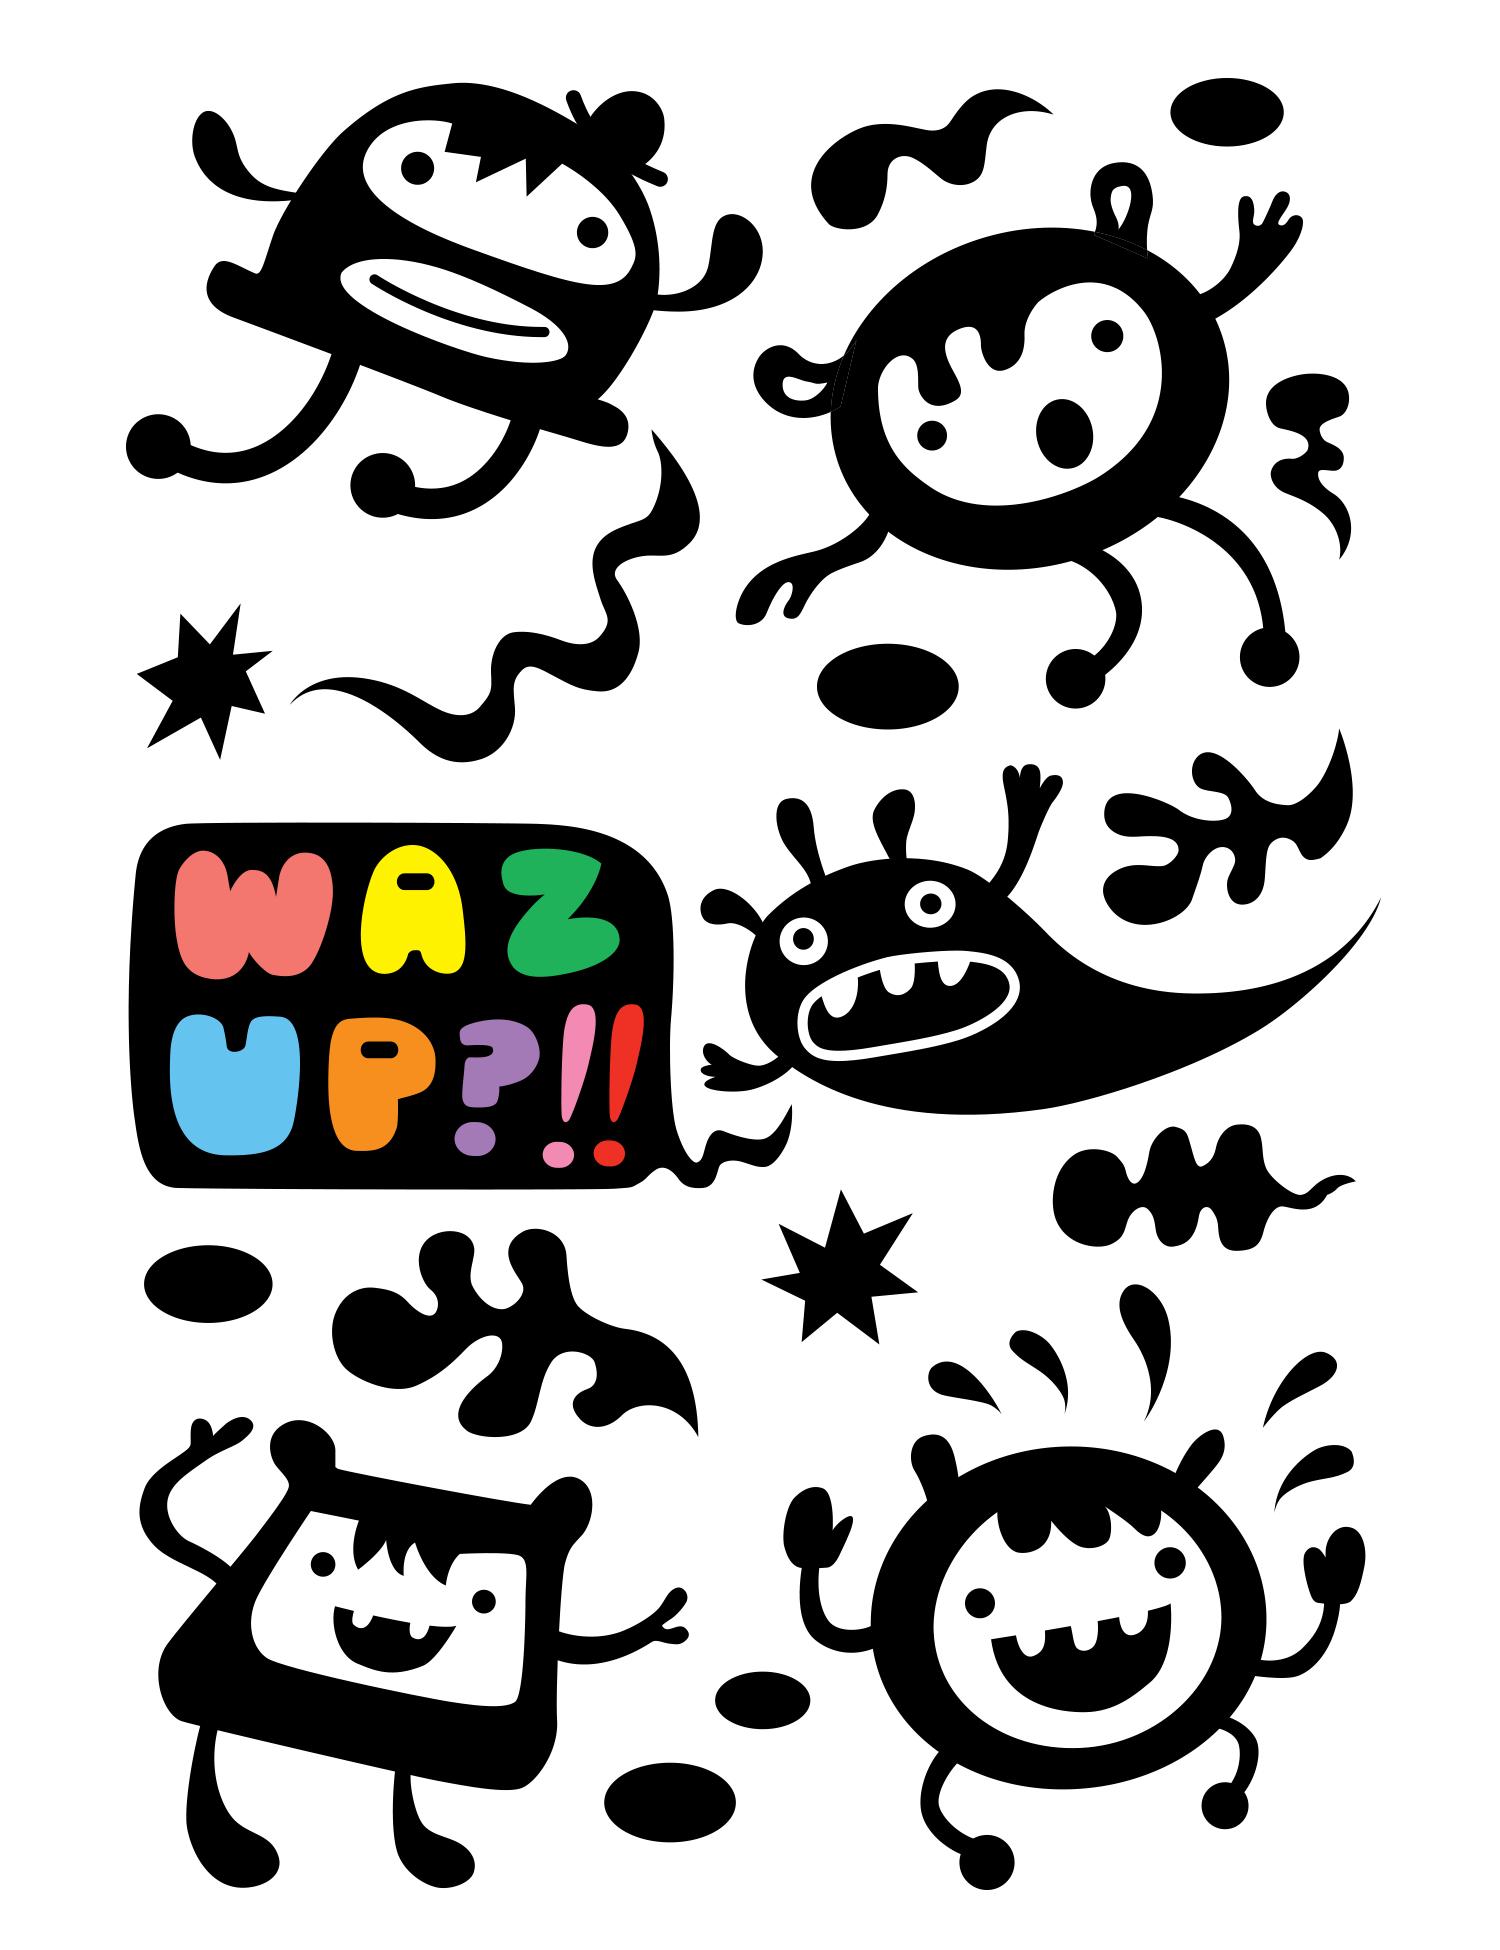 waz_up_type_andi_bird.png